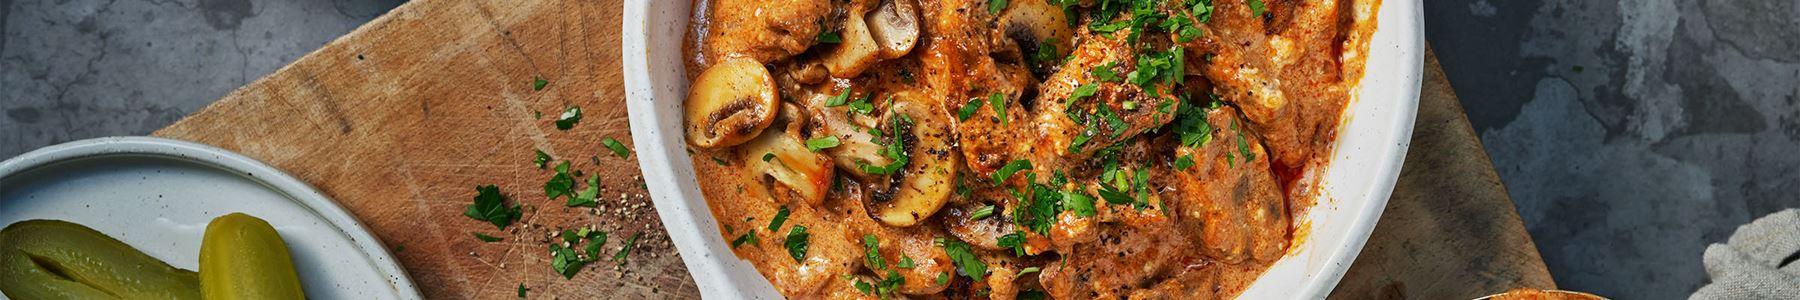 syrad grädde recept